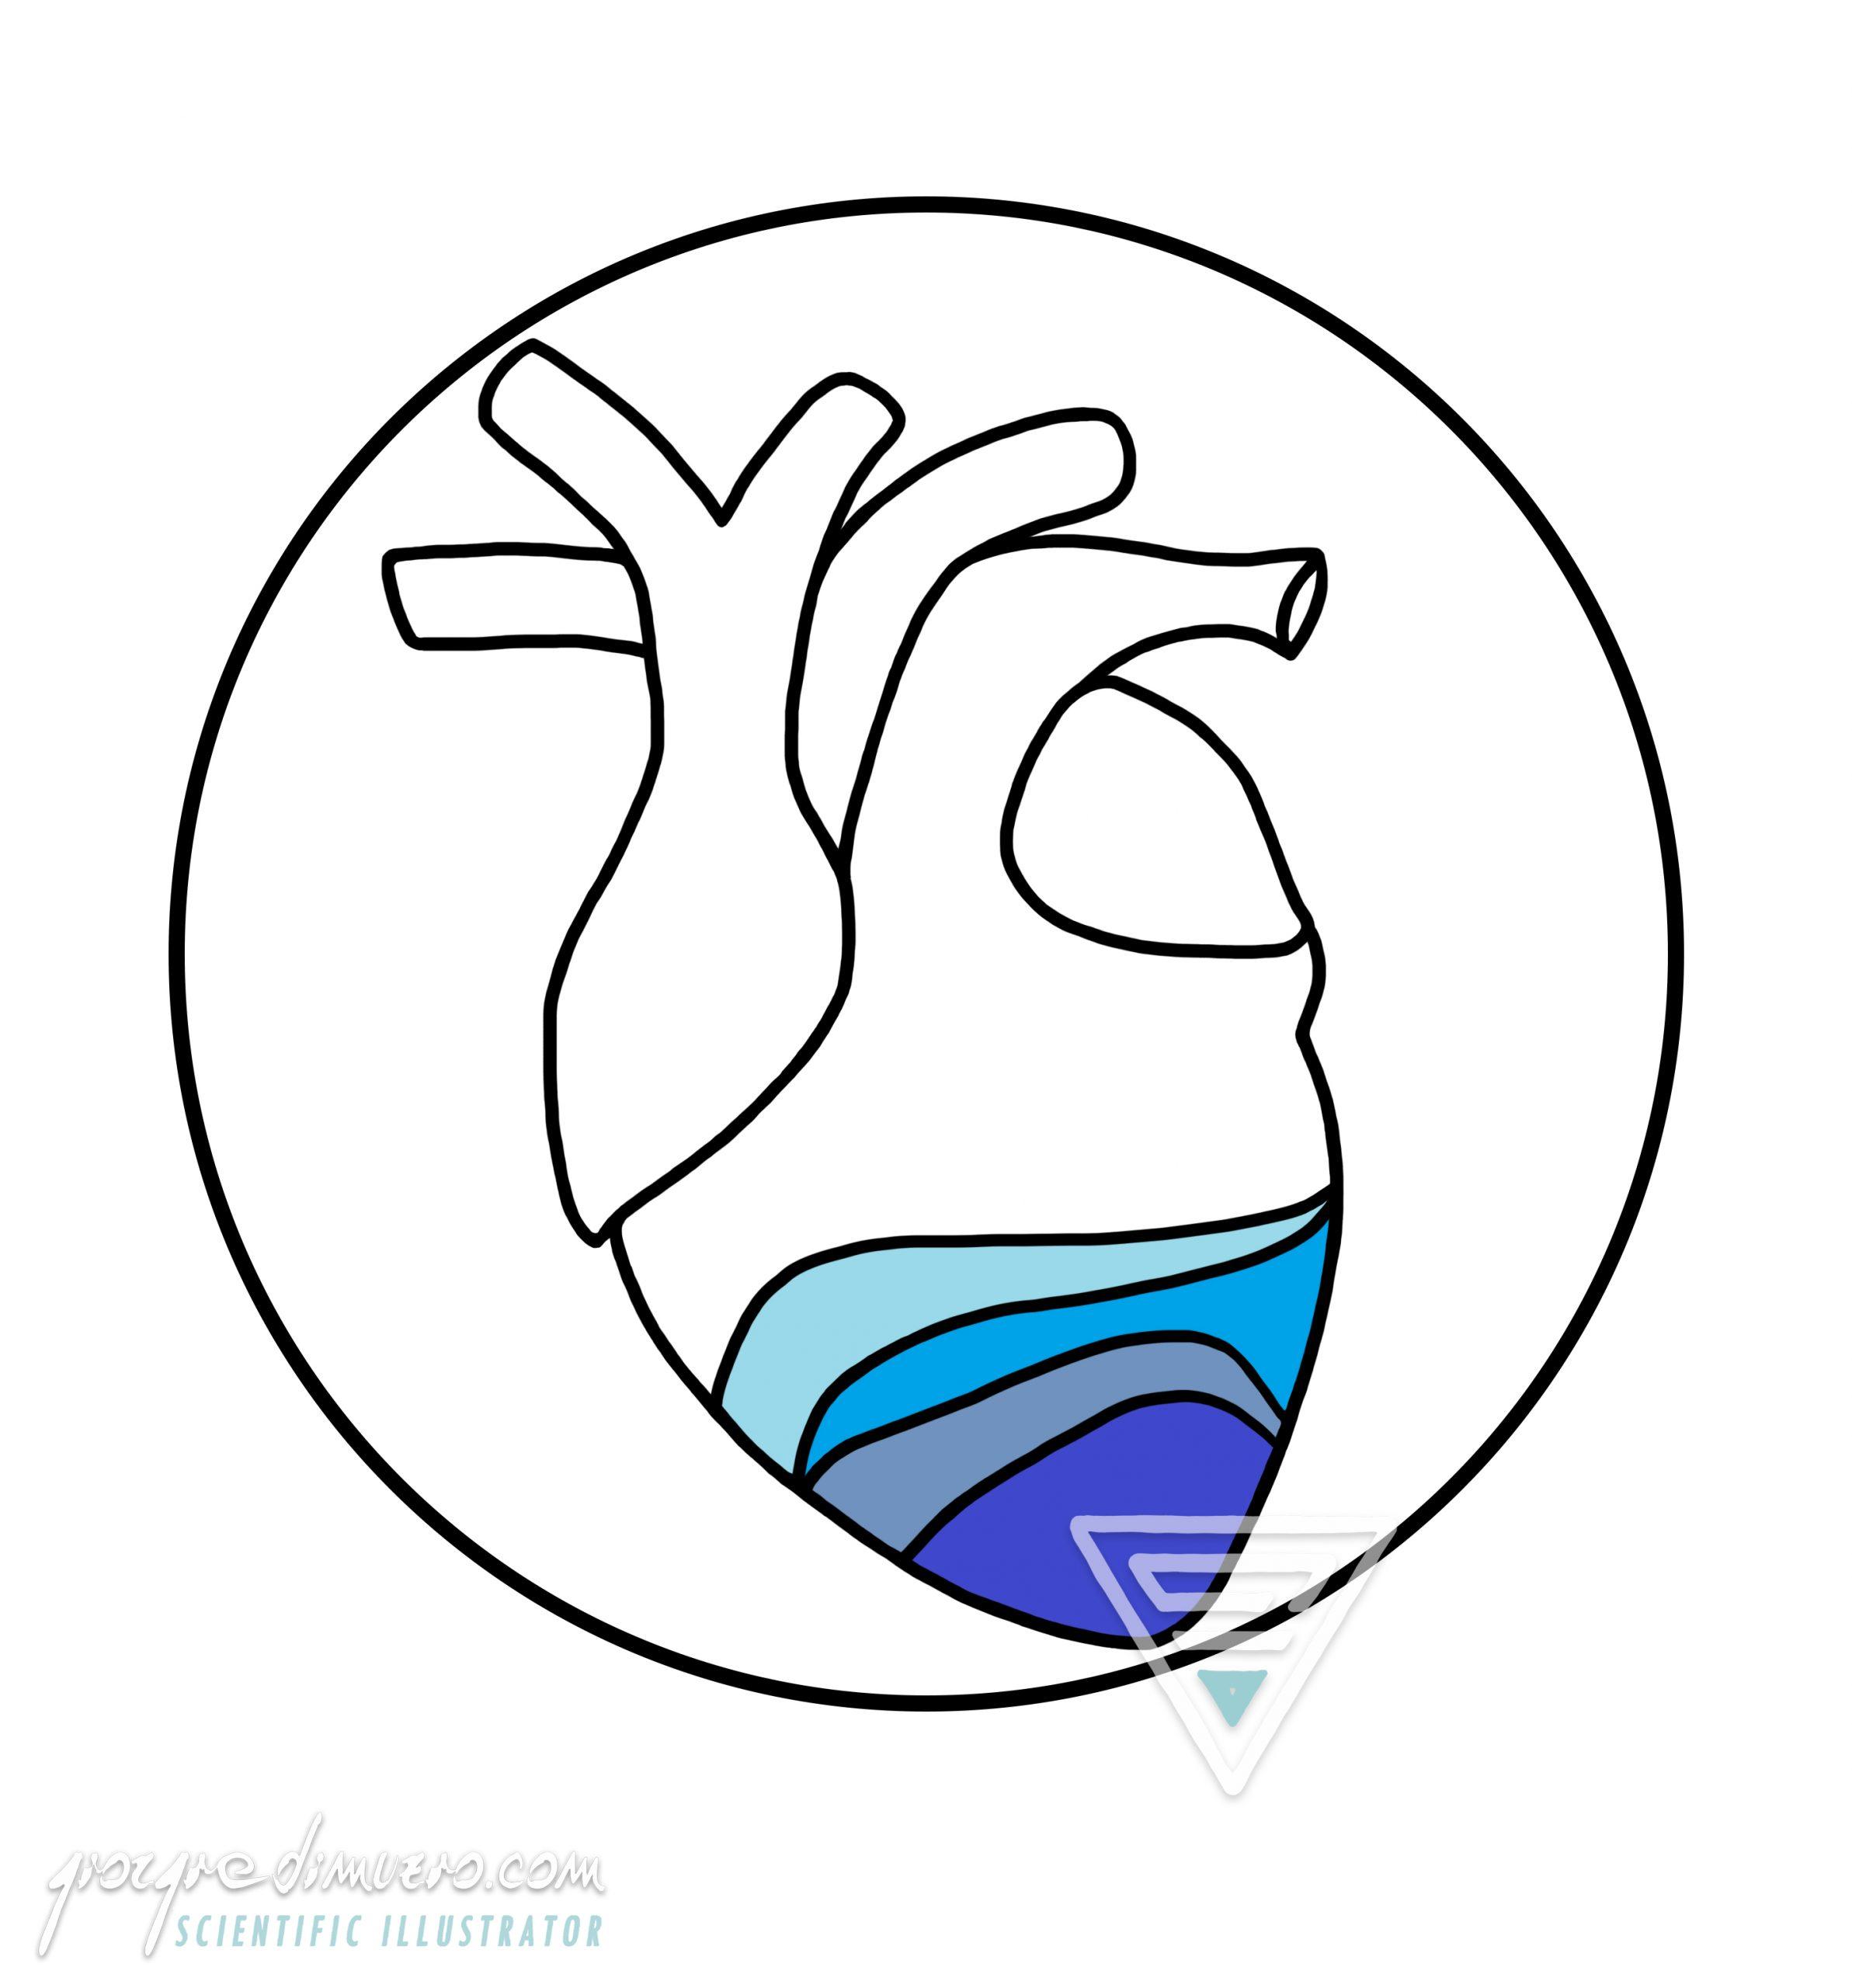 gallery_oceano_corpo_ocean_heart_logo_scientific_illustration_giorgiadimuzio